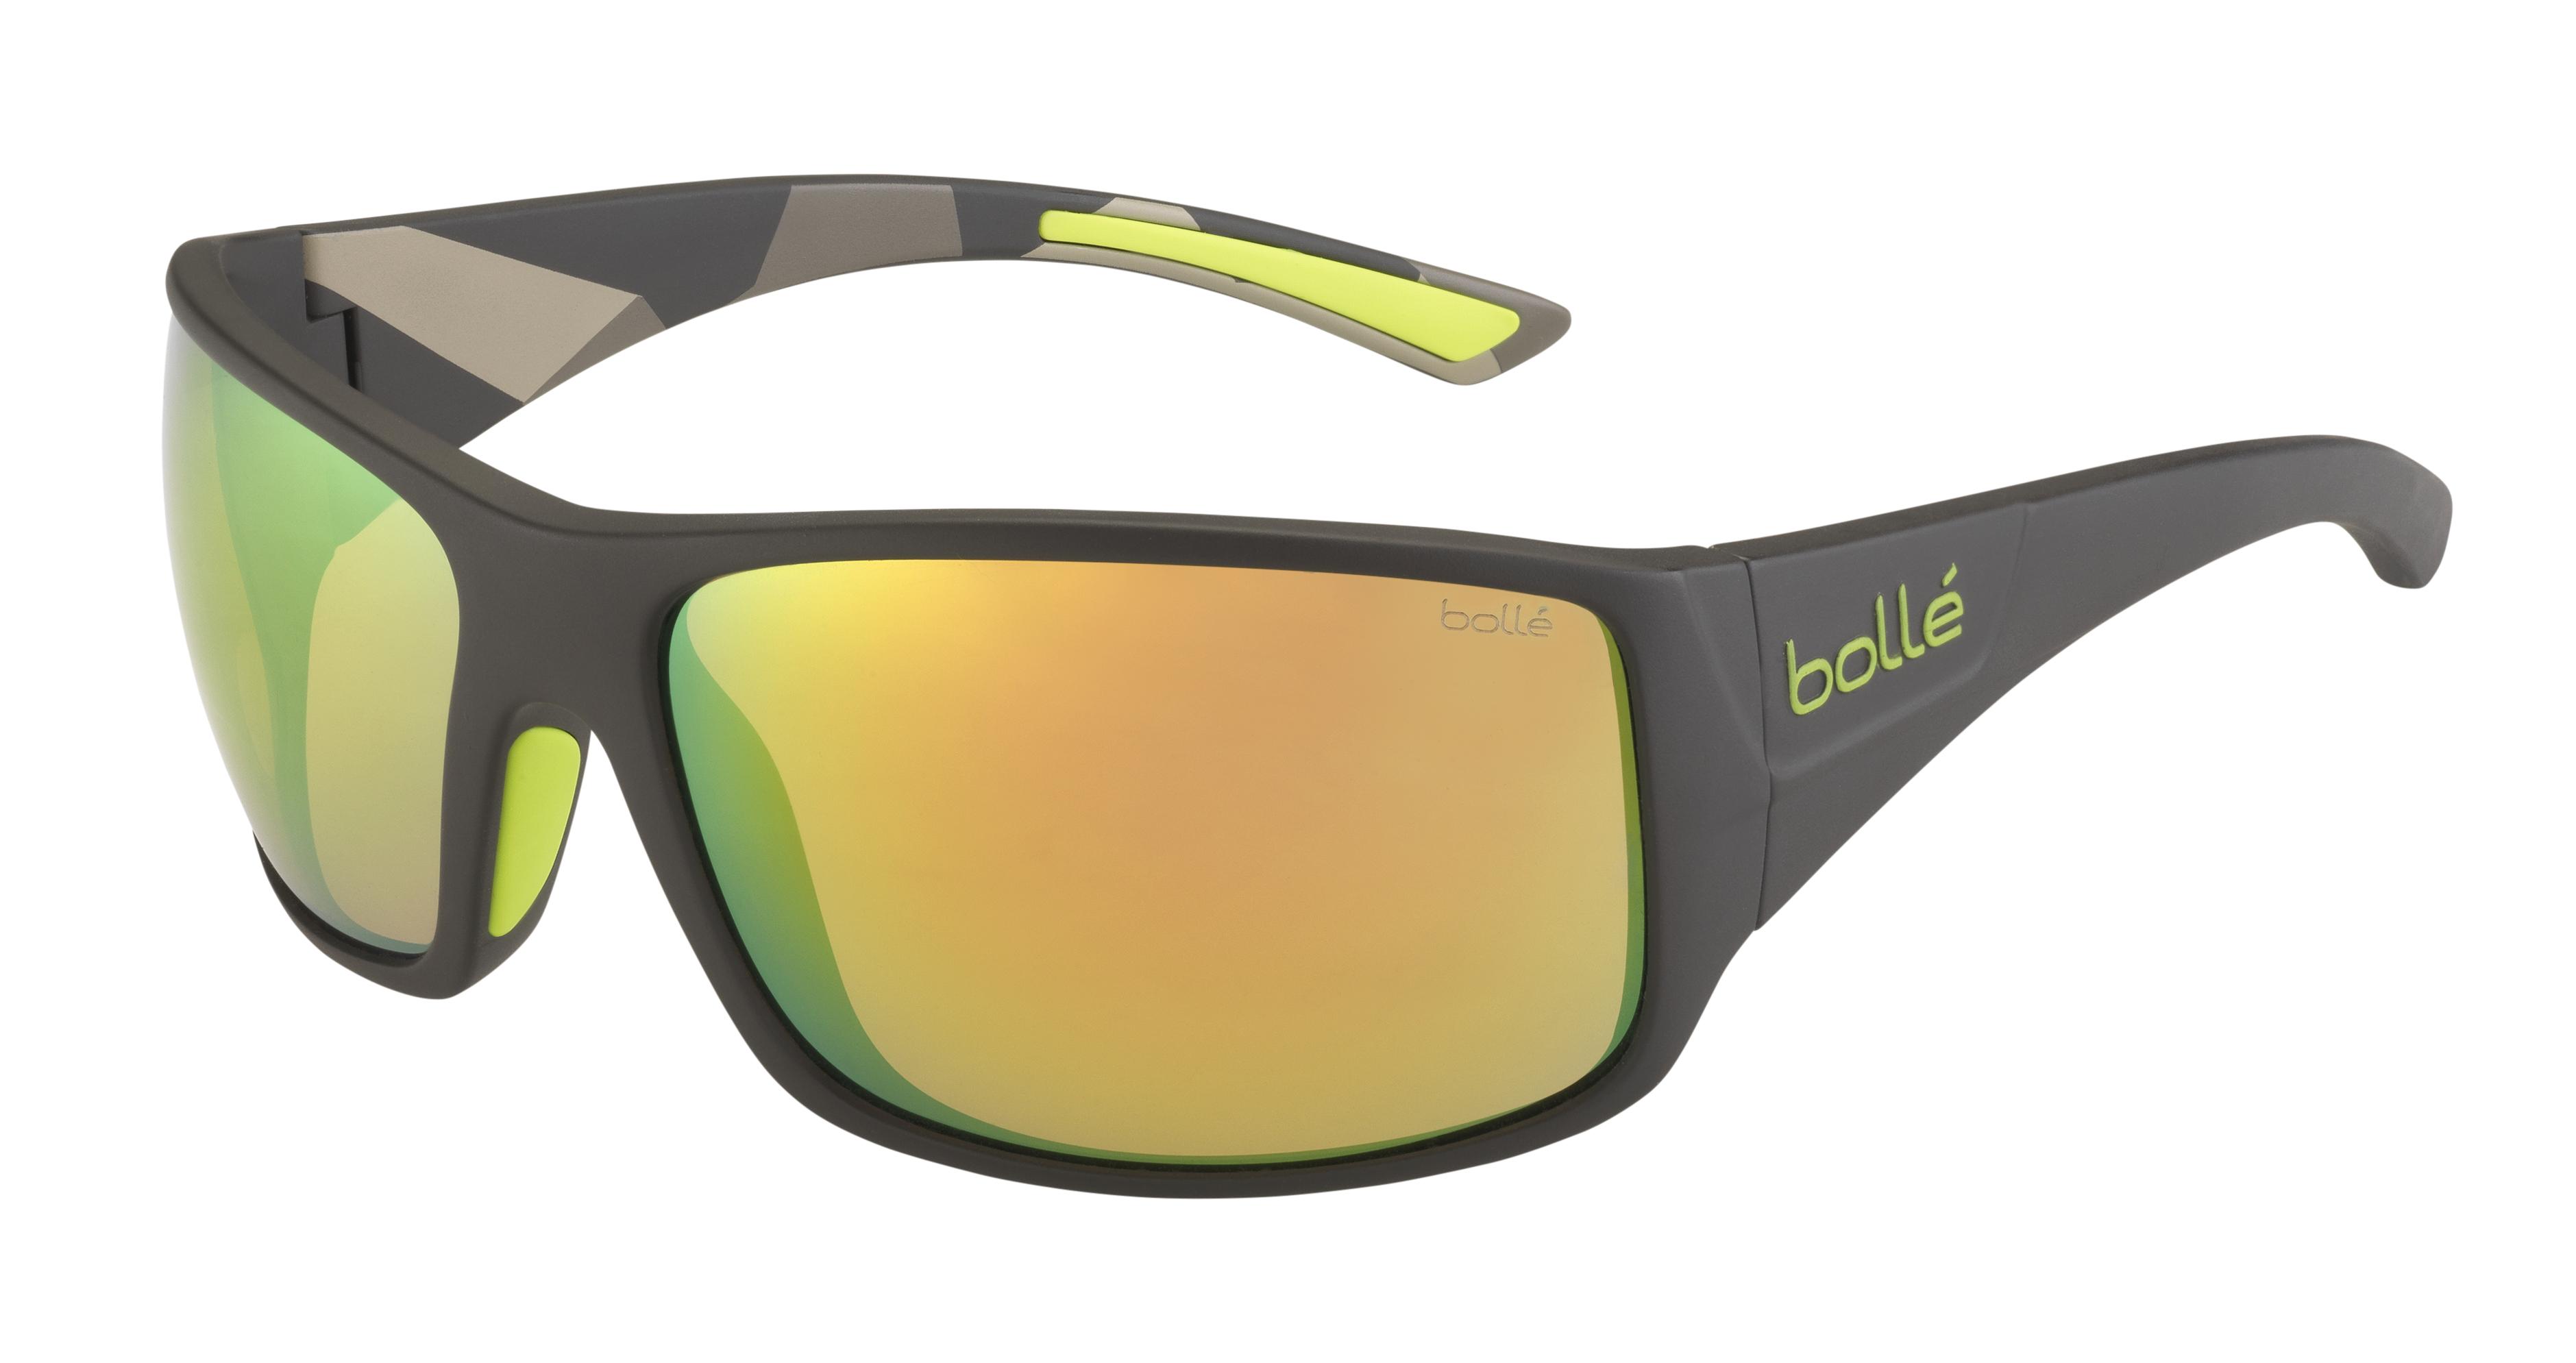 7e6799a4cec0 Callaway Mens Merlin Polarized Sunglasses